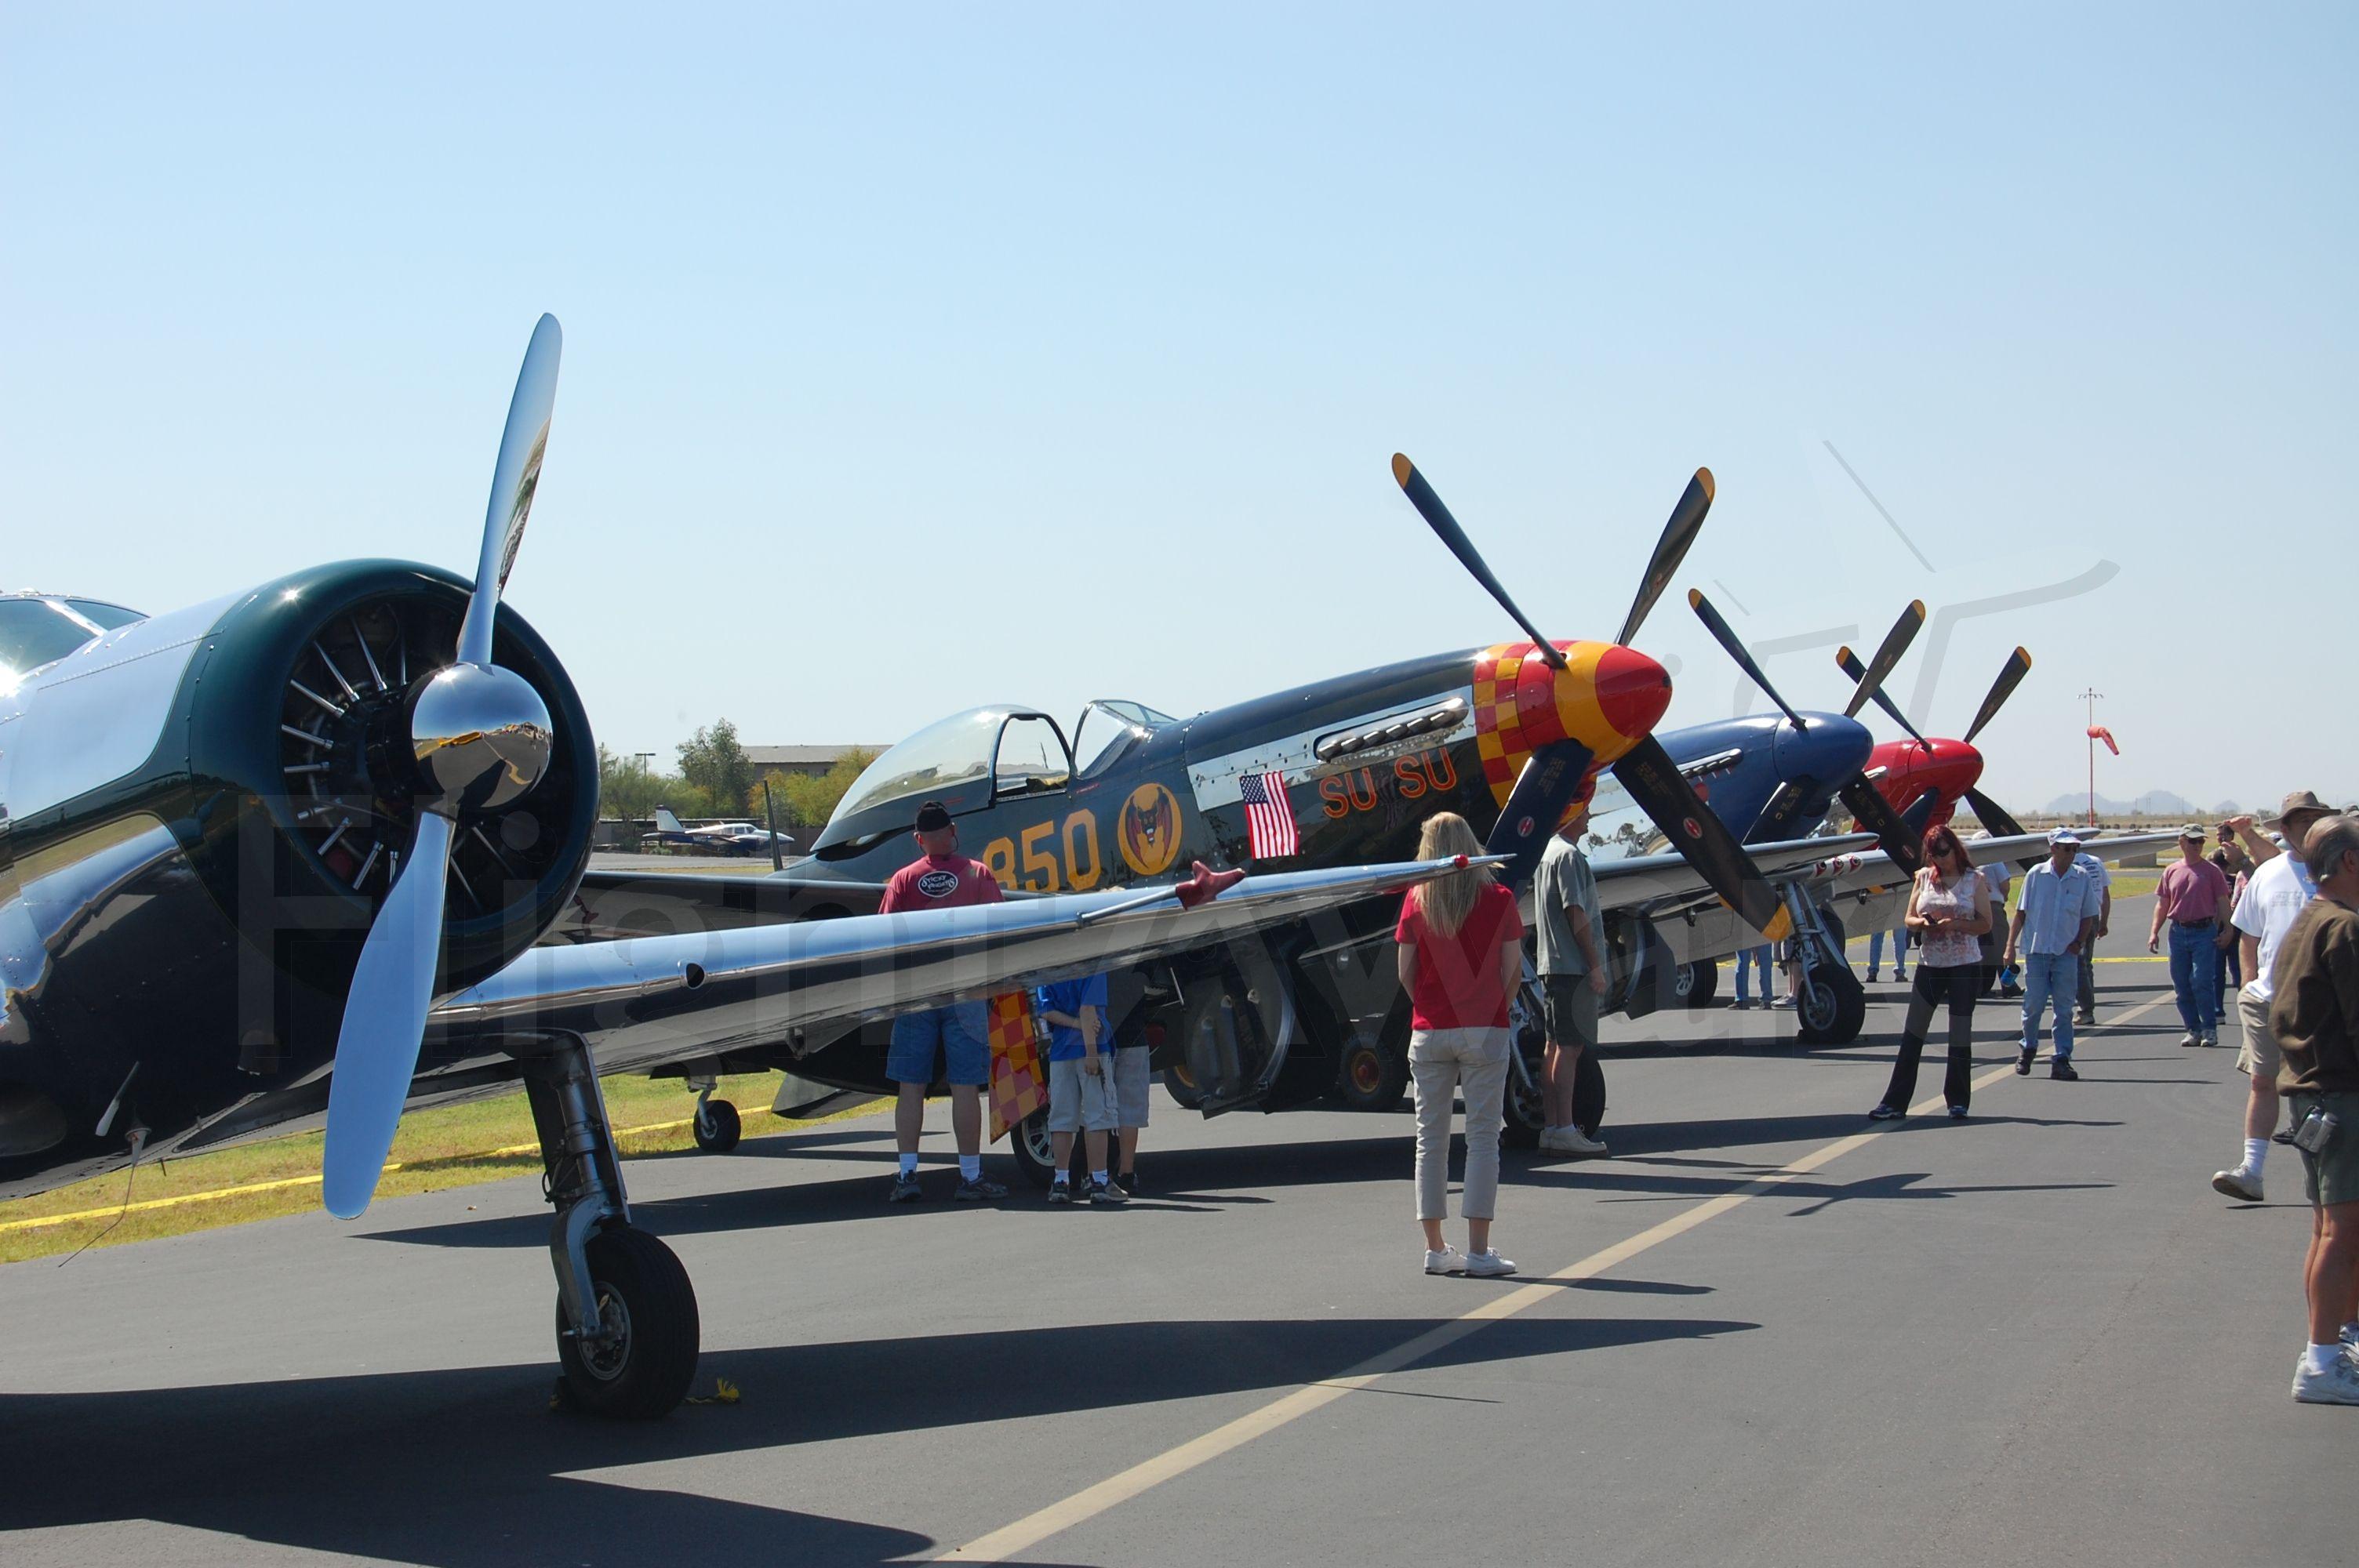 """N514NH — - Stellar Day 2009. Su Su was lost less than a year after this photo, in landing accident, March 11, 2010.      <a rel=""""nofollow"""" href=""""http://www.ntsb.gov/aviationquery/brief2.aspx?ev_id=20100311X64200&ntsbno=WPR10LA156&akey=1"""">http://www.ntsb.gov/aviationquery/brief2.aspx?ev_id=20100311X64200&ntsbno=WPR10LA156&akey=1</a>"""